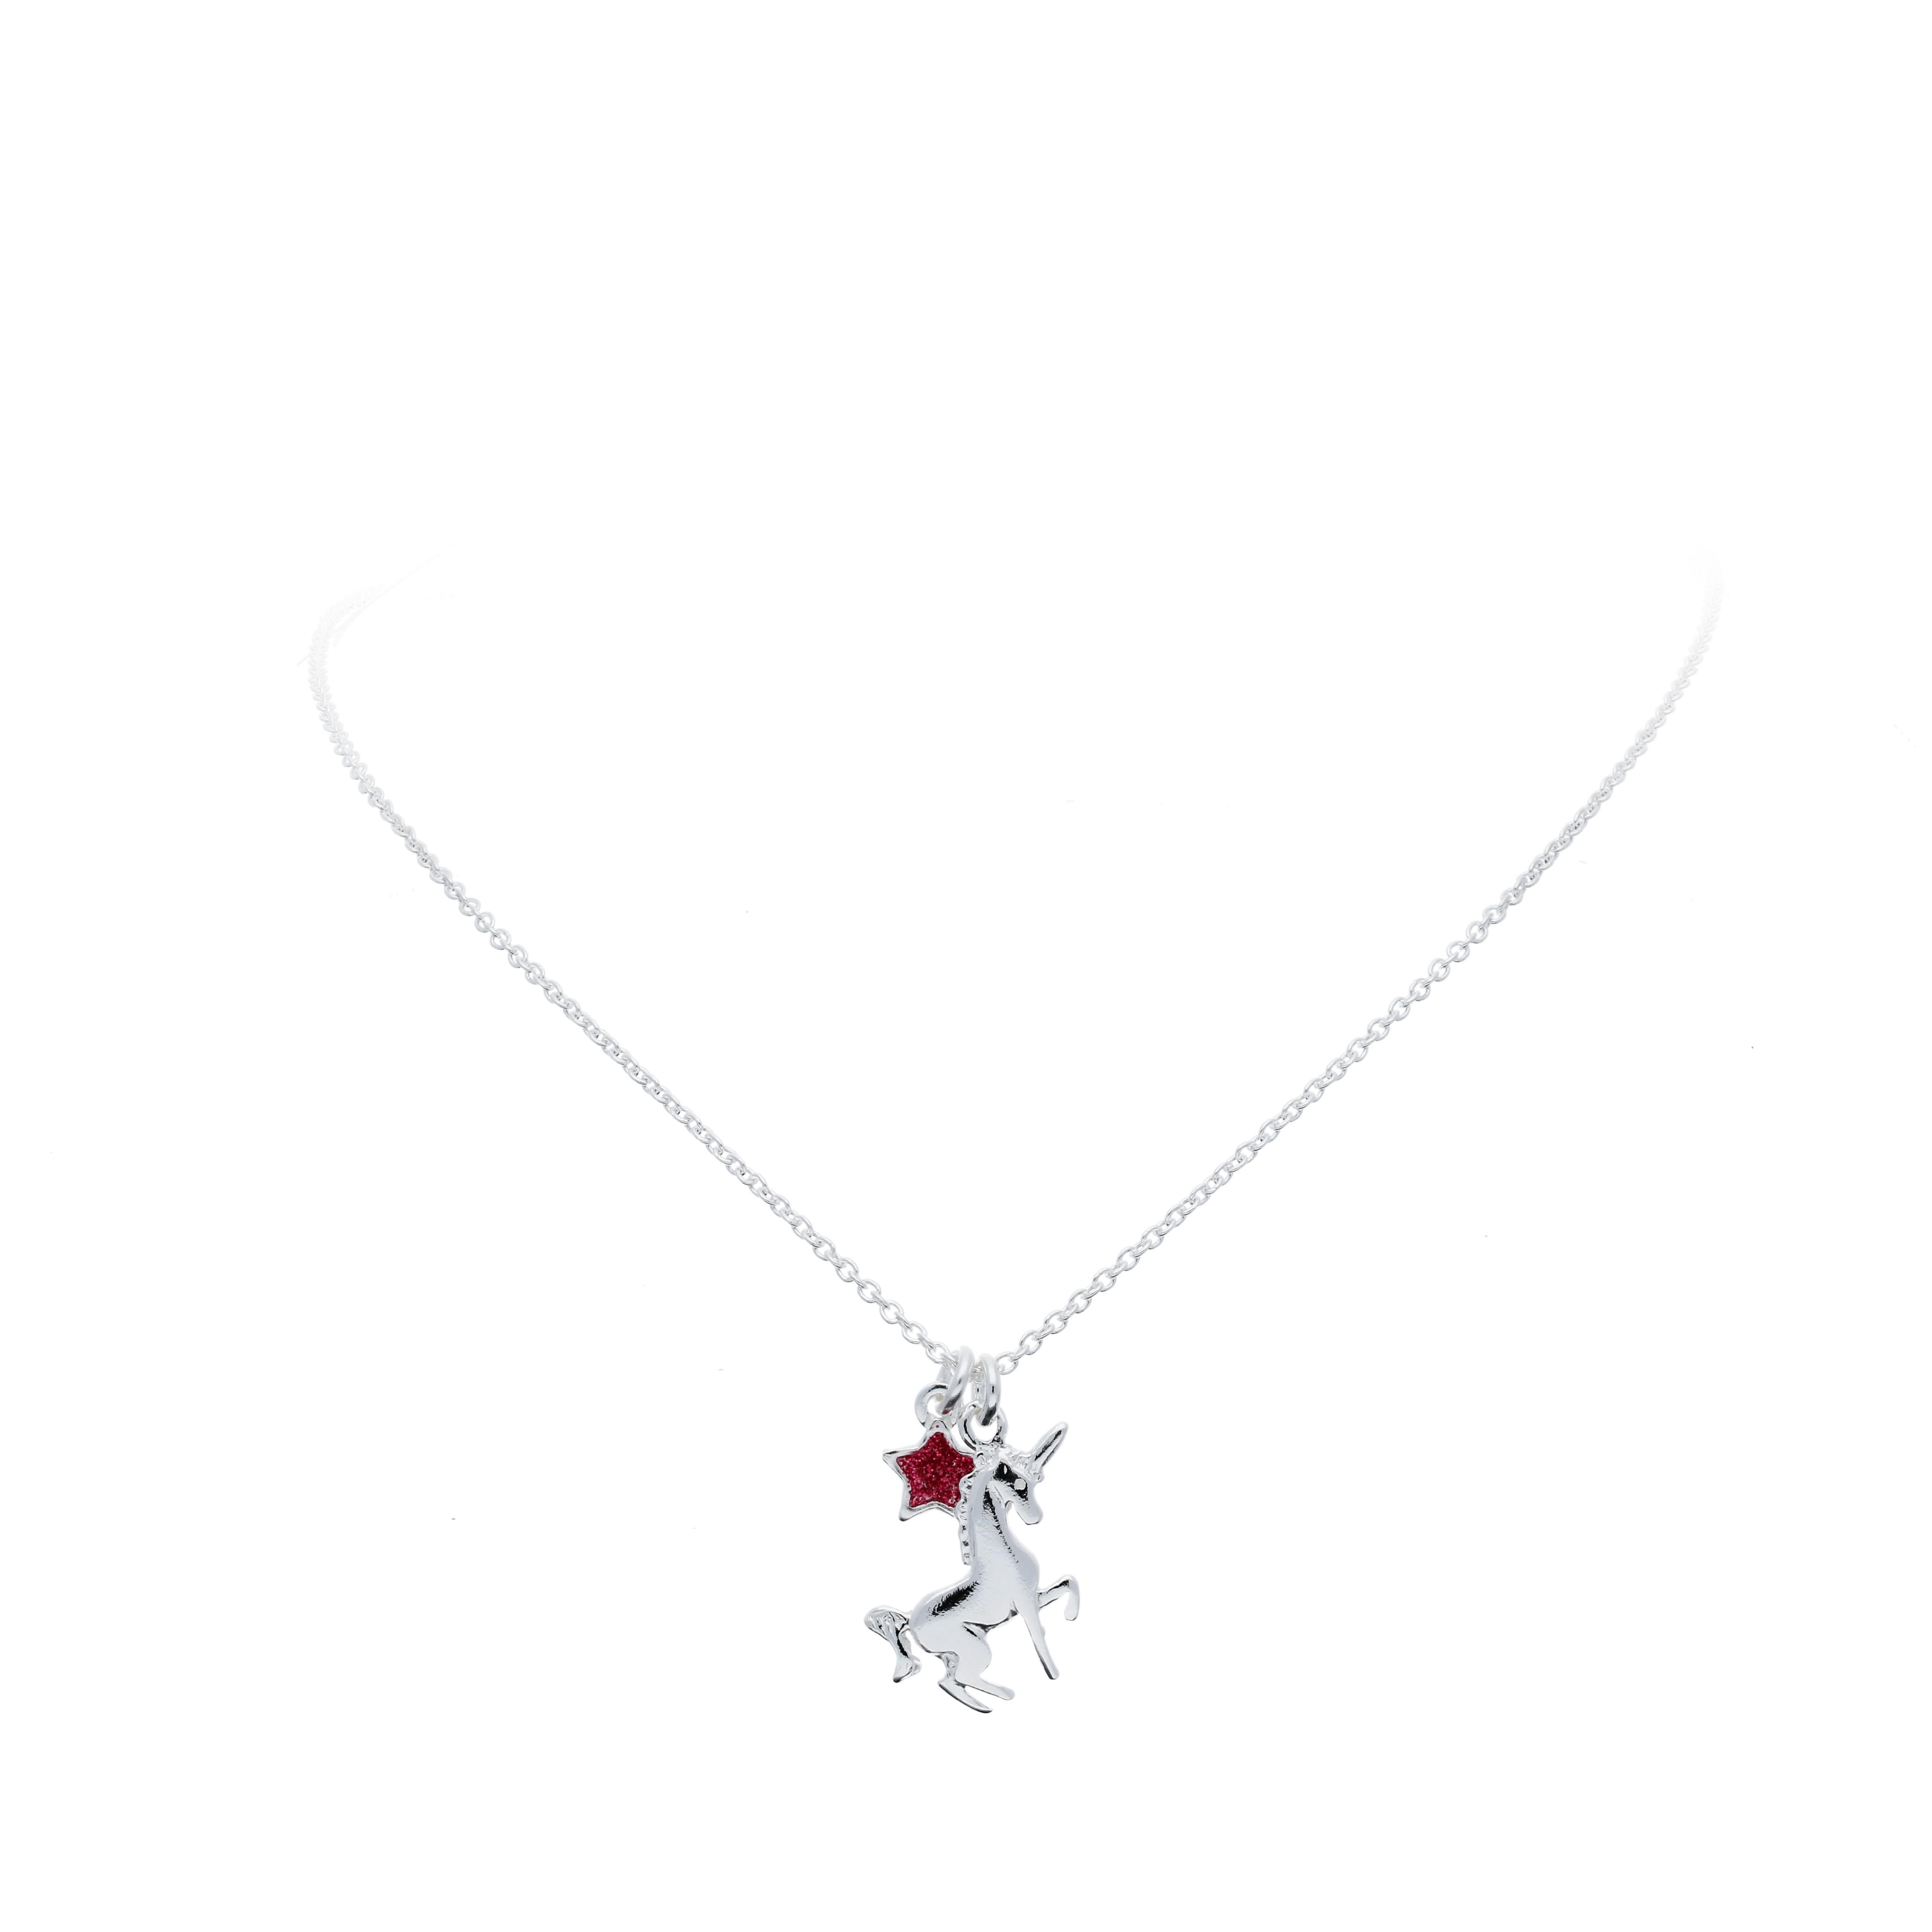 Lilly Zilveren Bedelcollier - Eenhoorn Roze Ster  102.1532.40